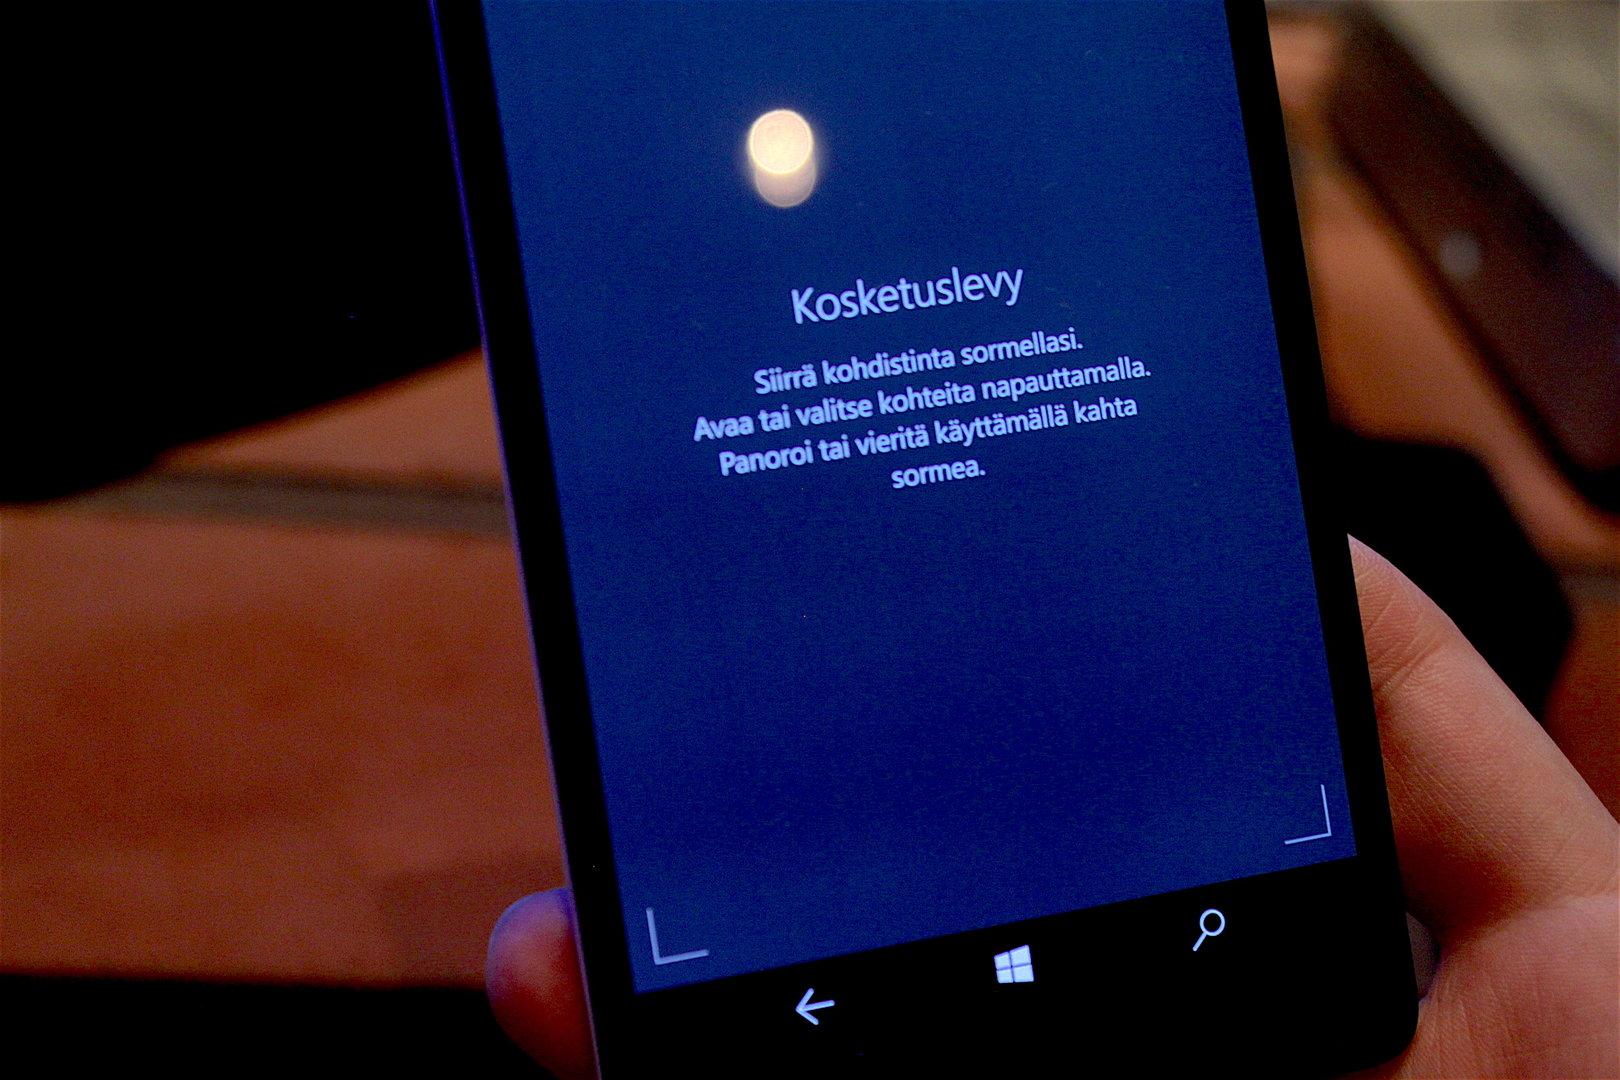 kytkennät sovelluksia Windows Phone dating viraston verkko sivuilla suunnittelu